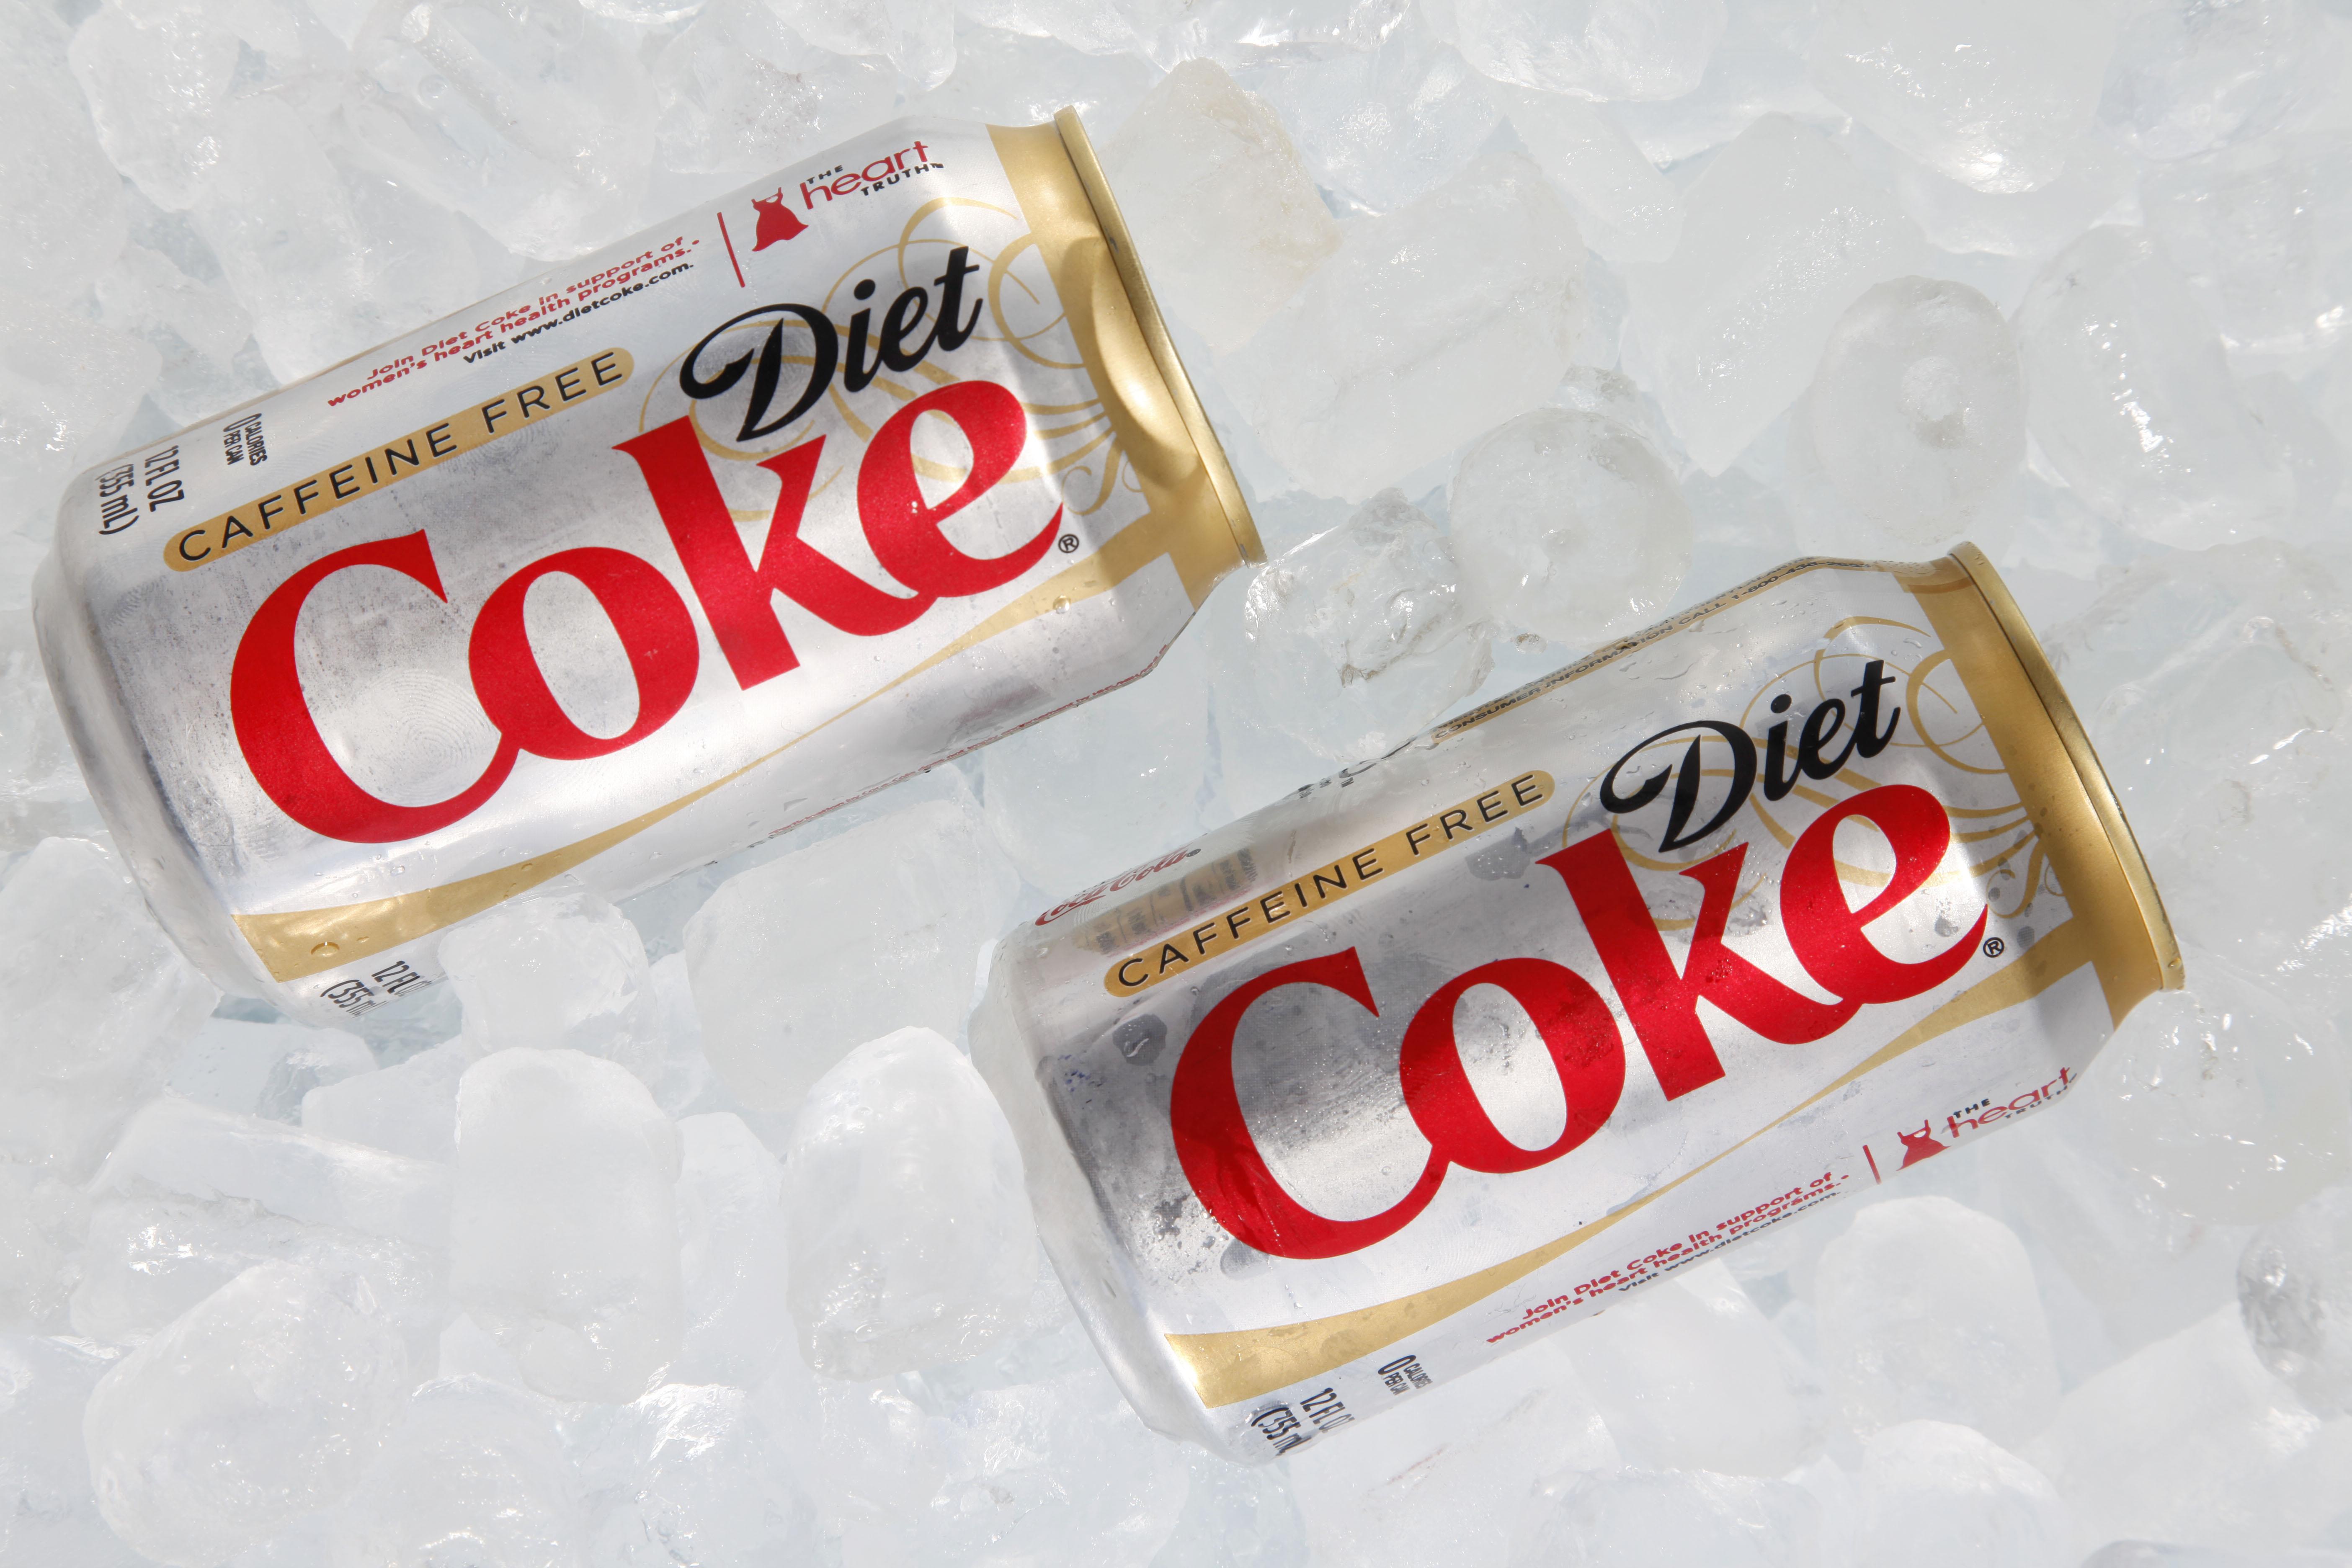 Diet Coke on ice